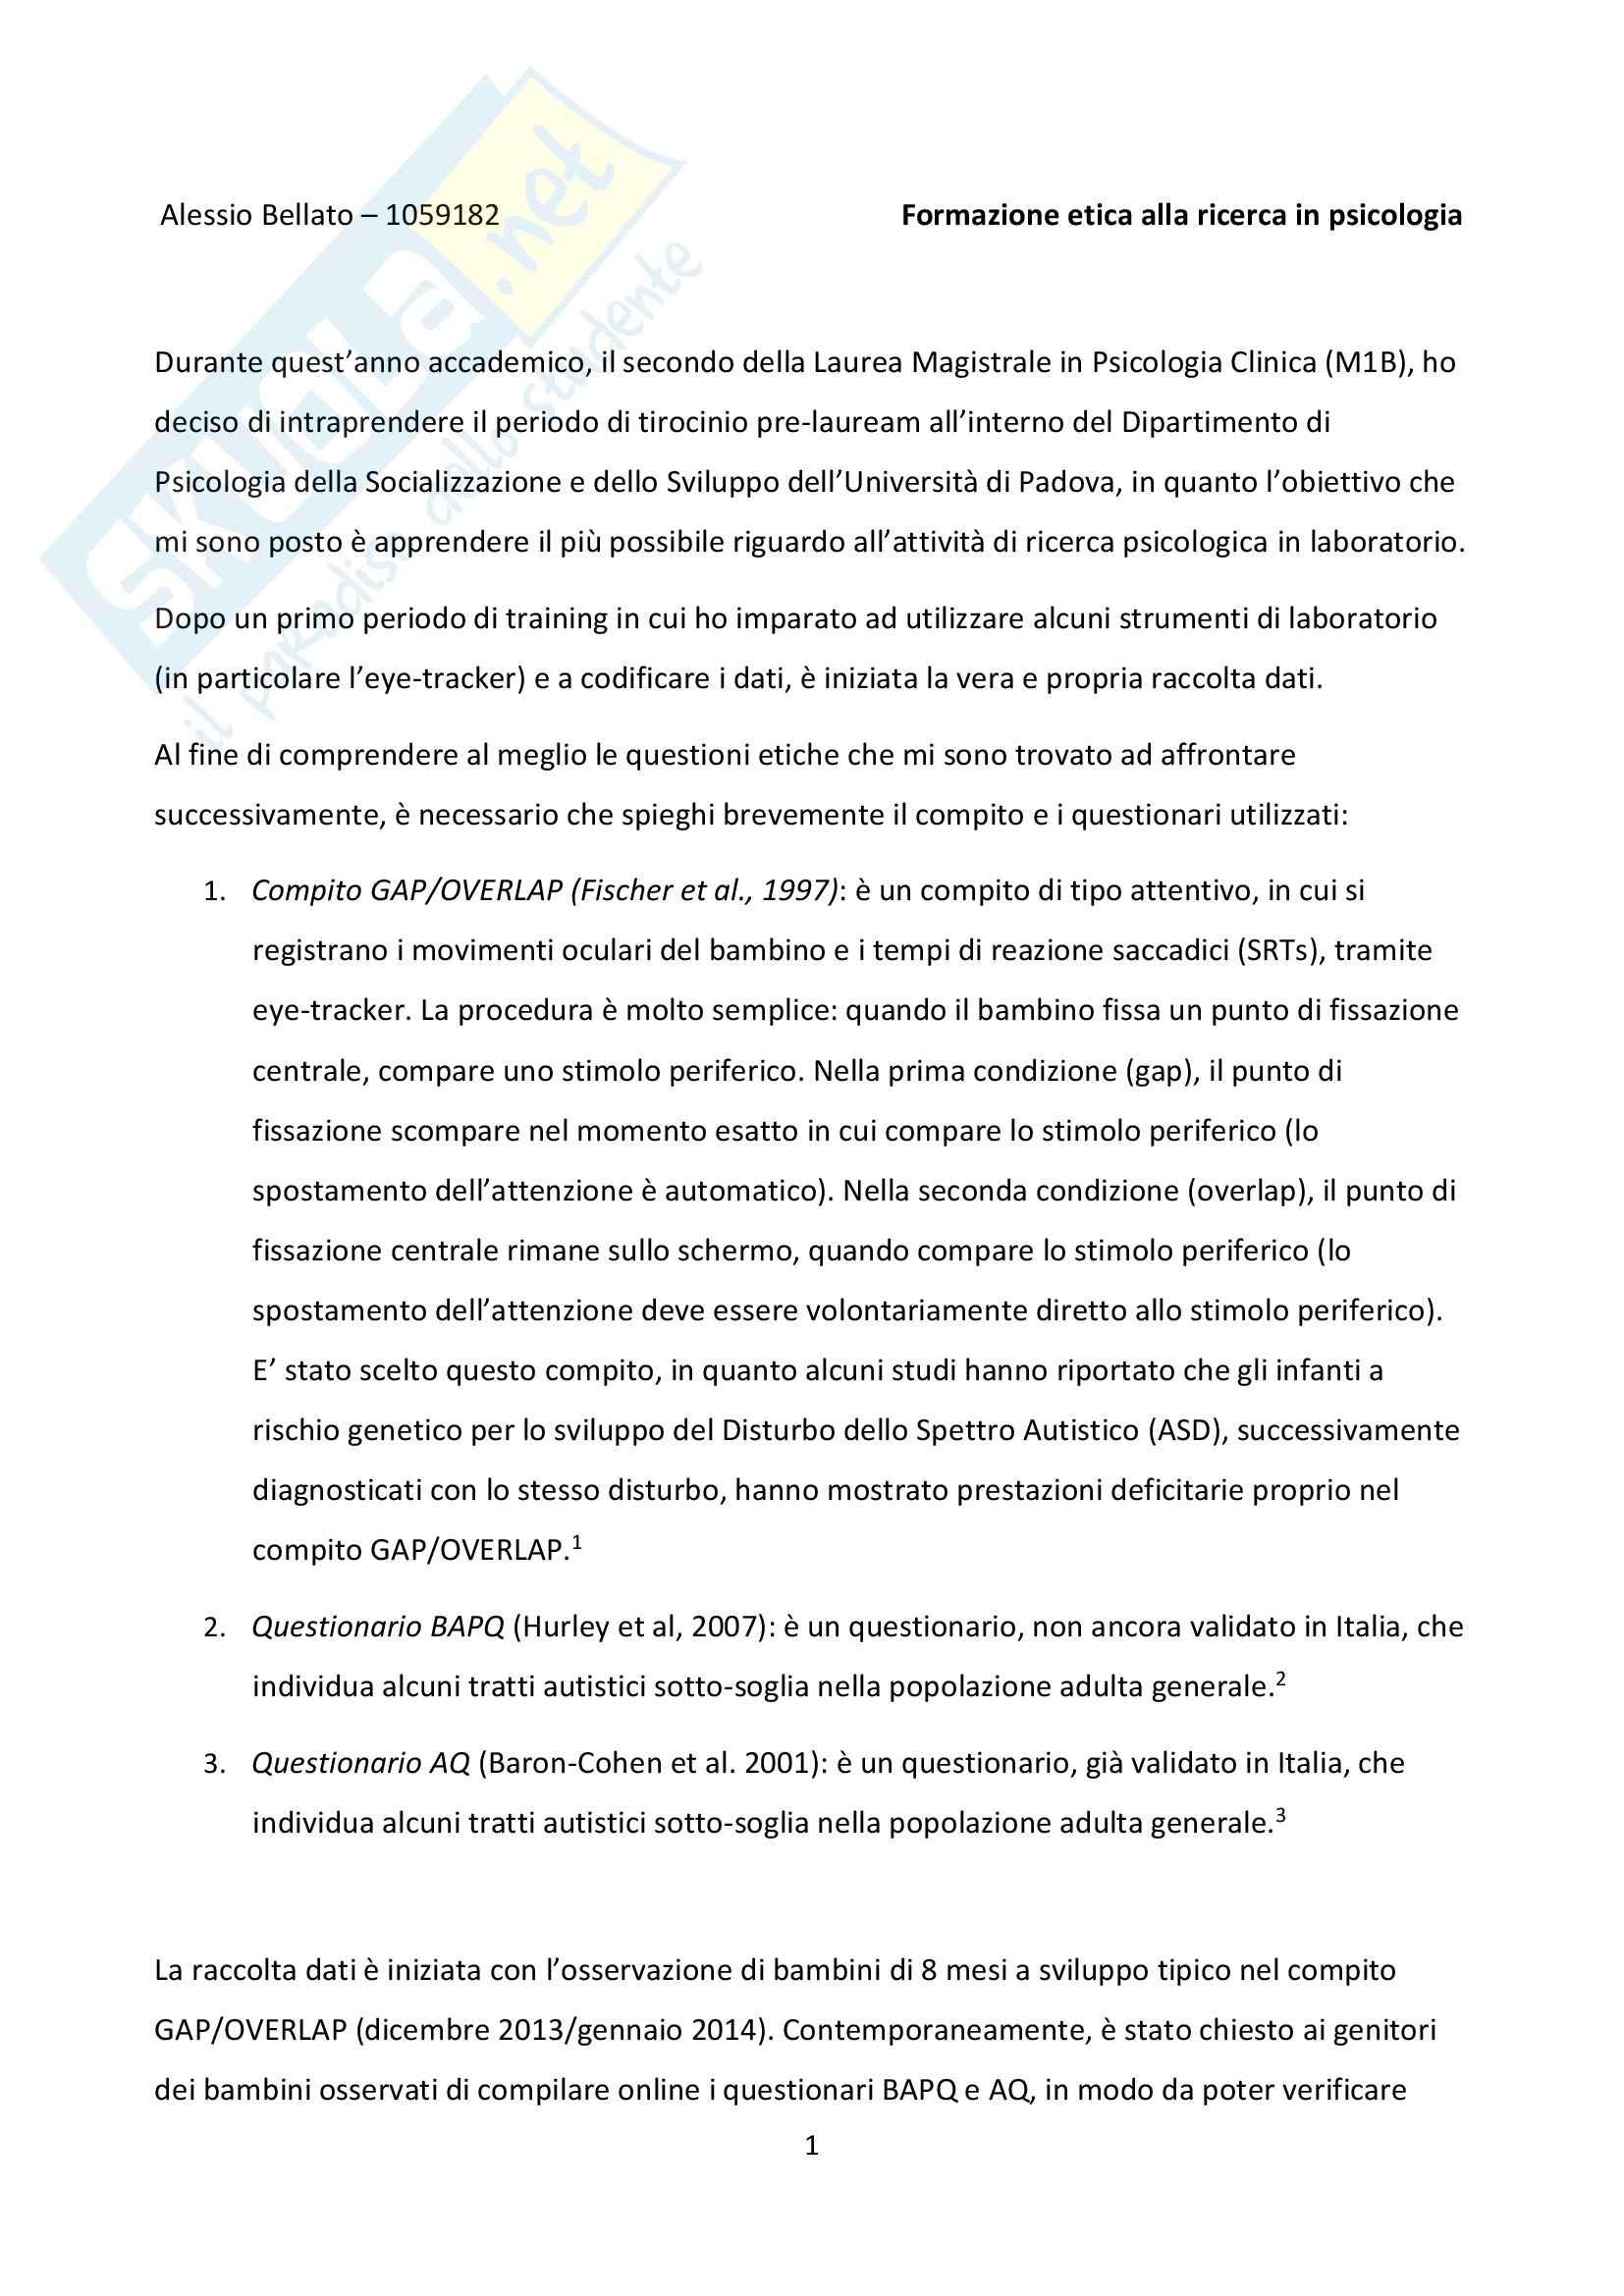 Formazione etica alla ricerca in psicologia - relazione